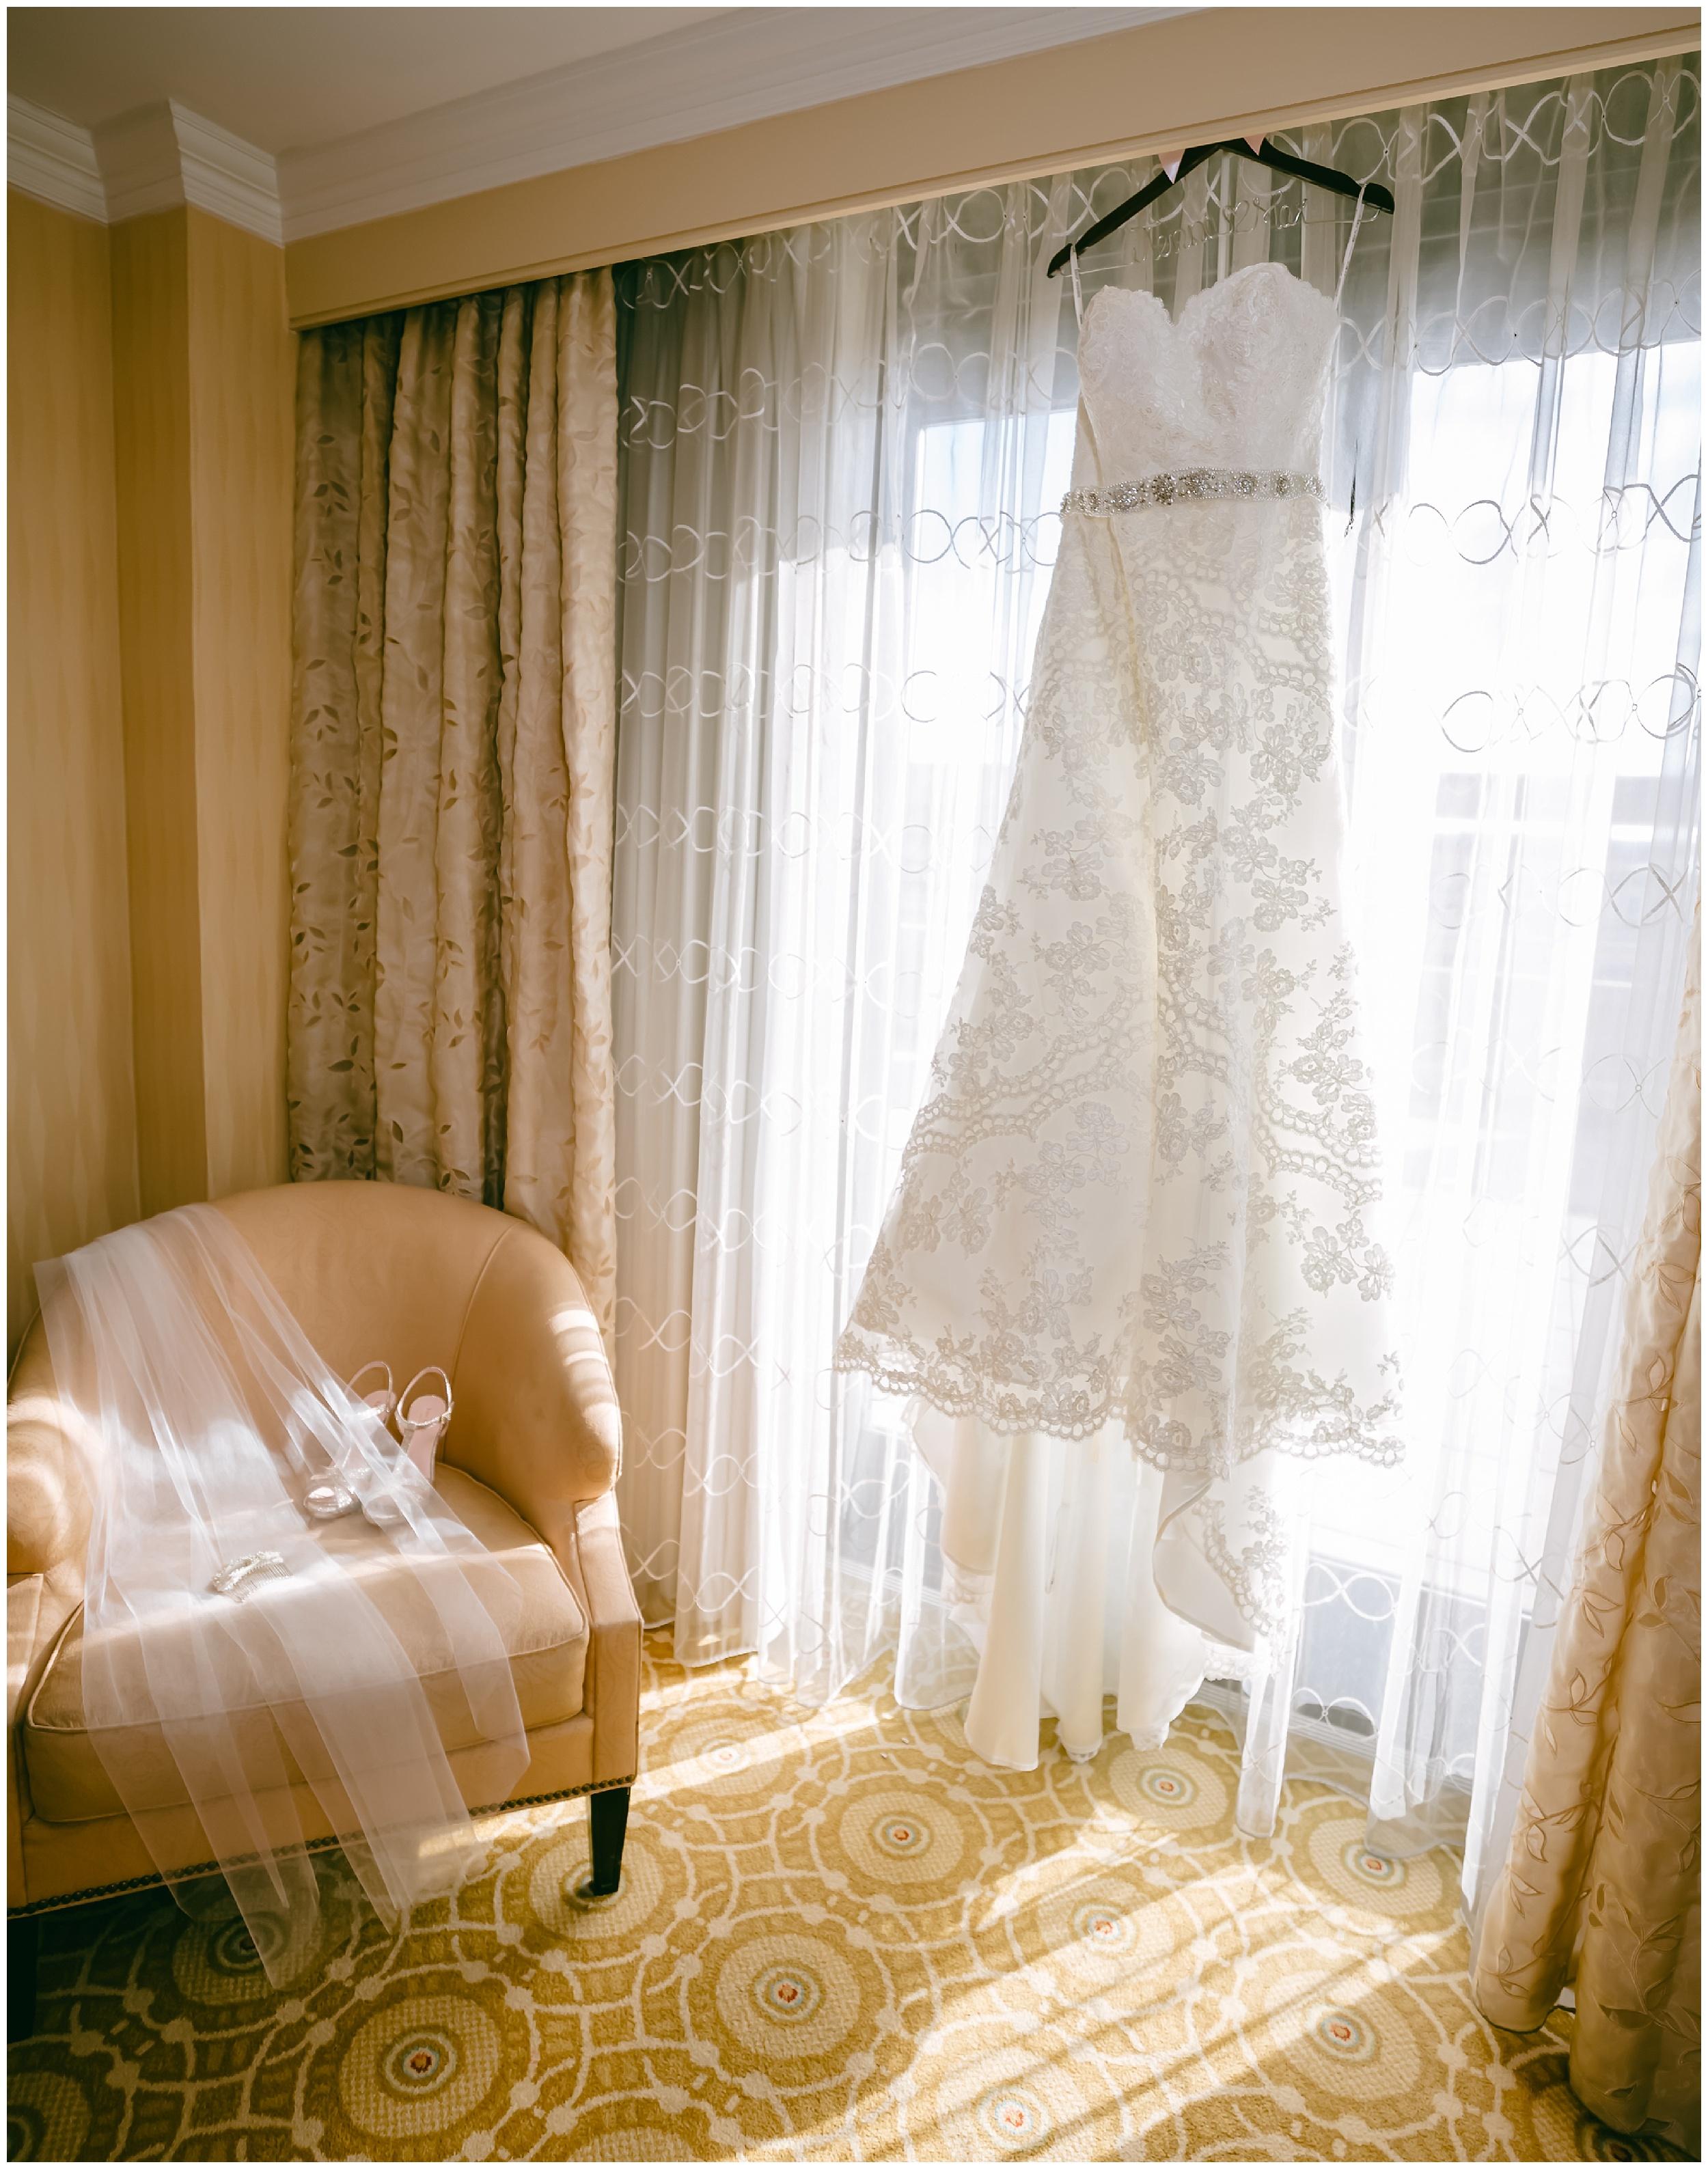 wedding-dress-lace-window-washington-dc-photographer